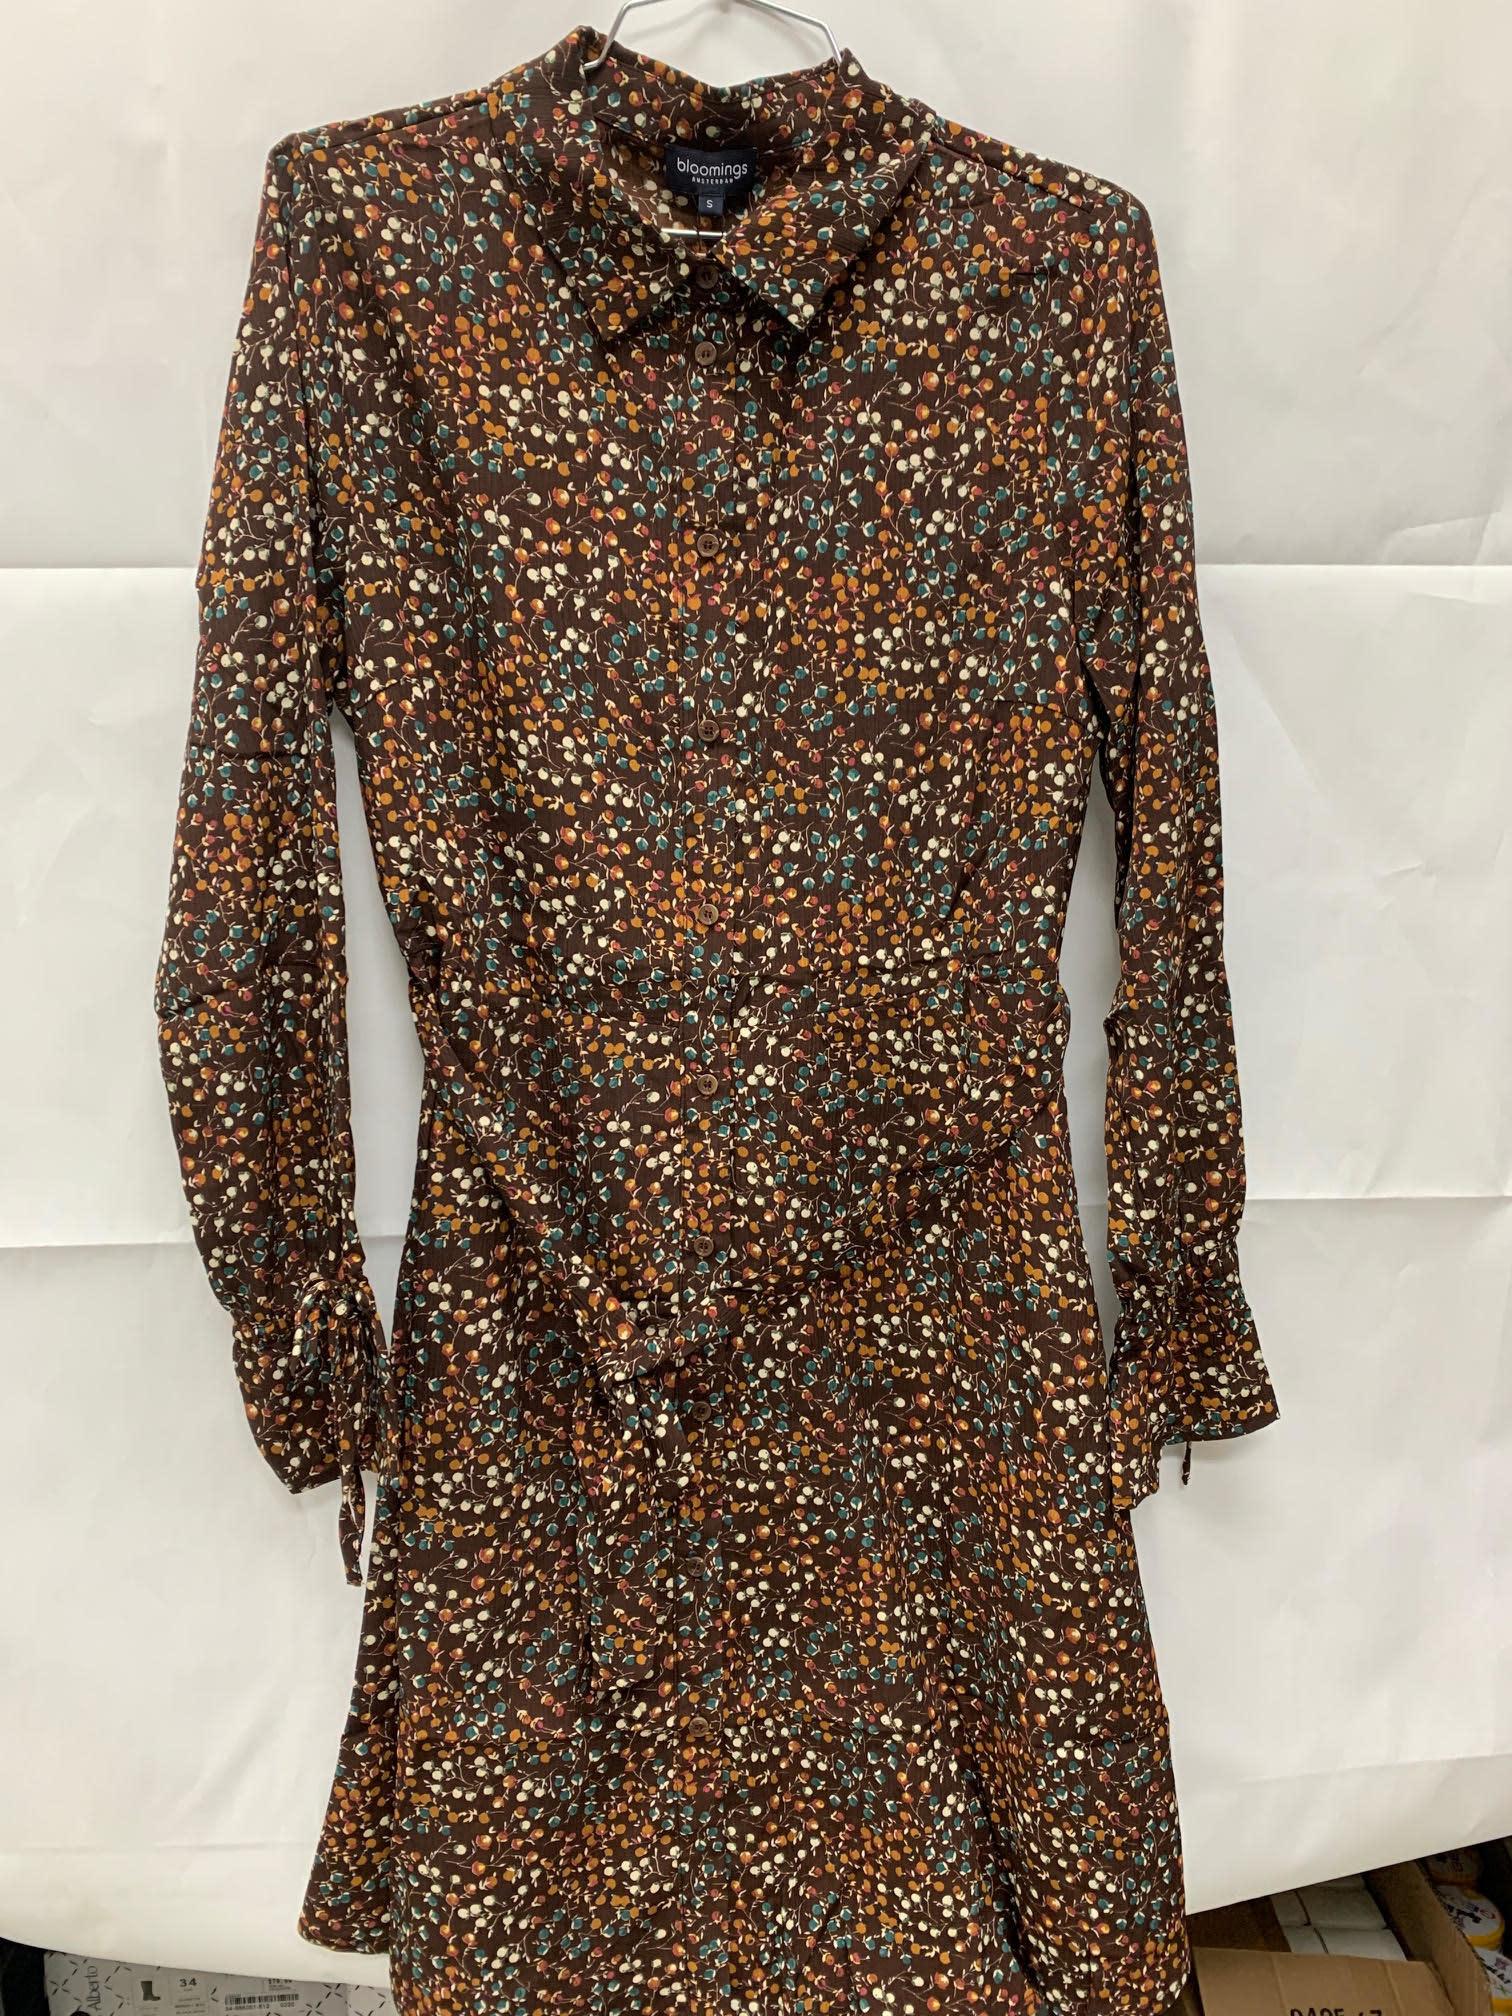 Pinecone Button-Down Dress